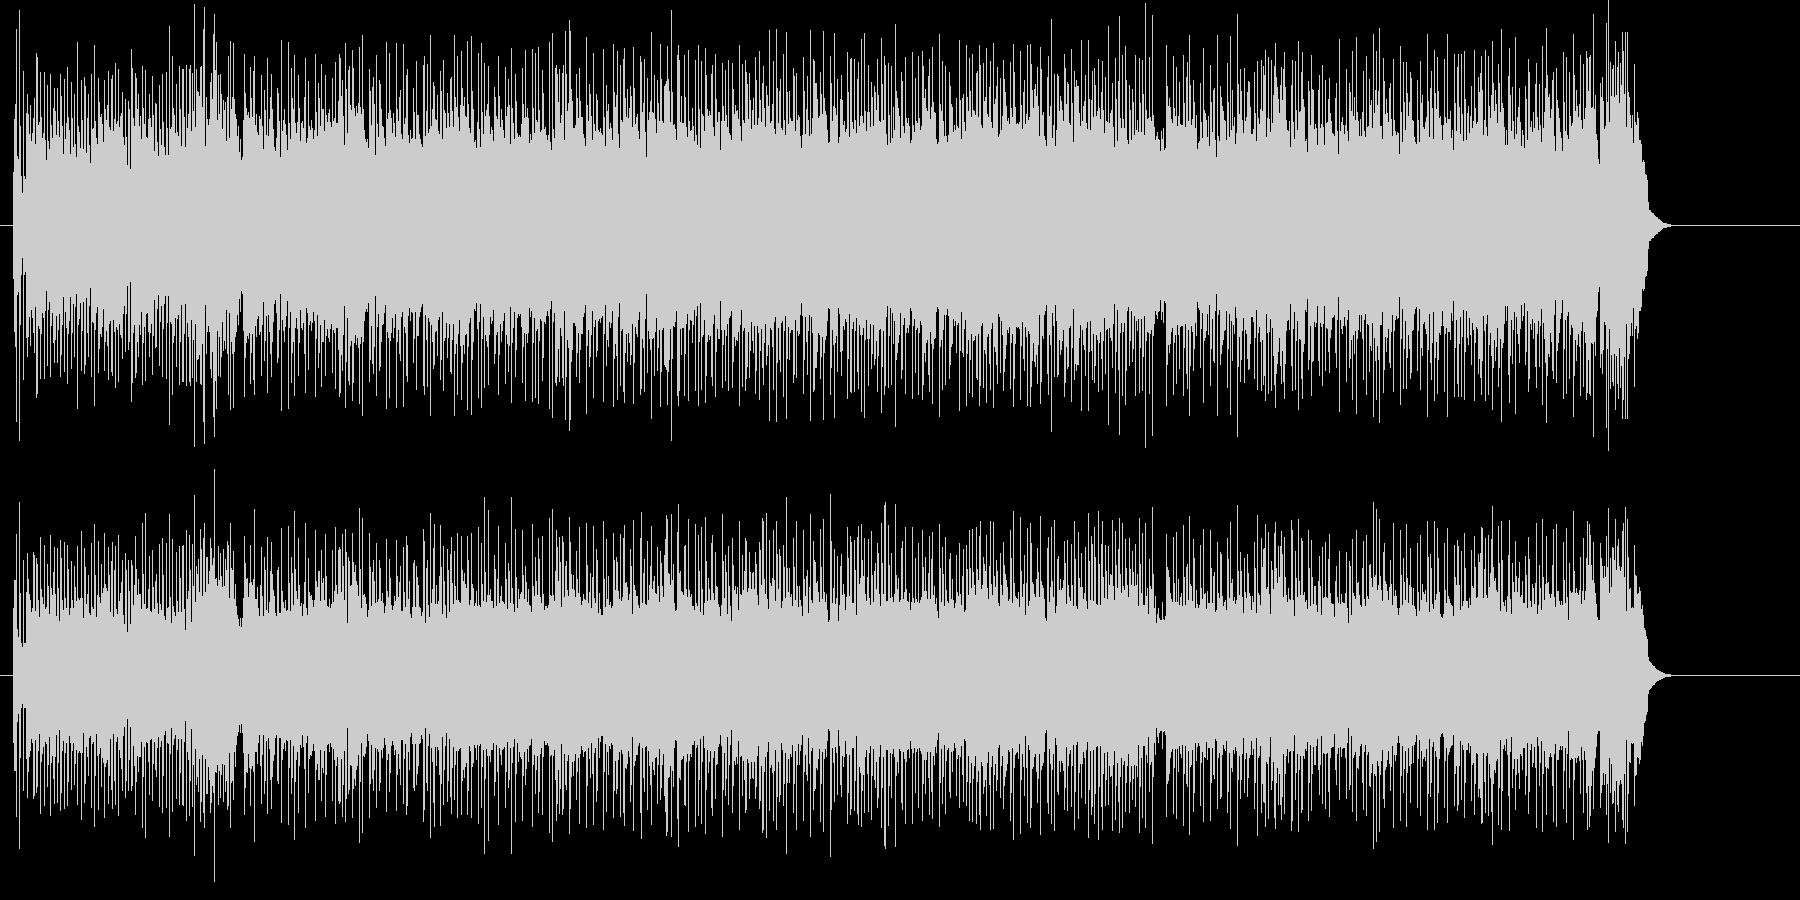 スポーティなオープニング向けギターの未再生の波形